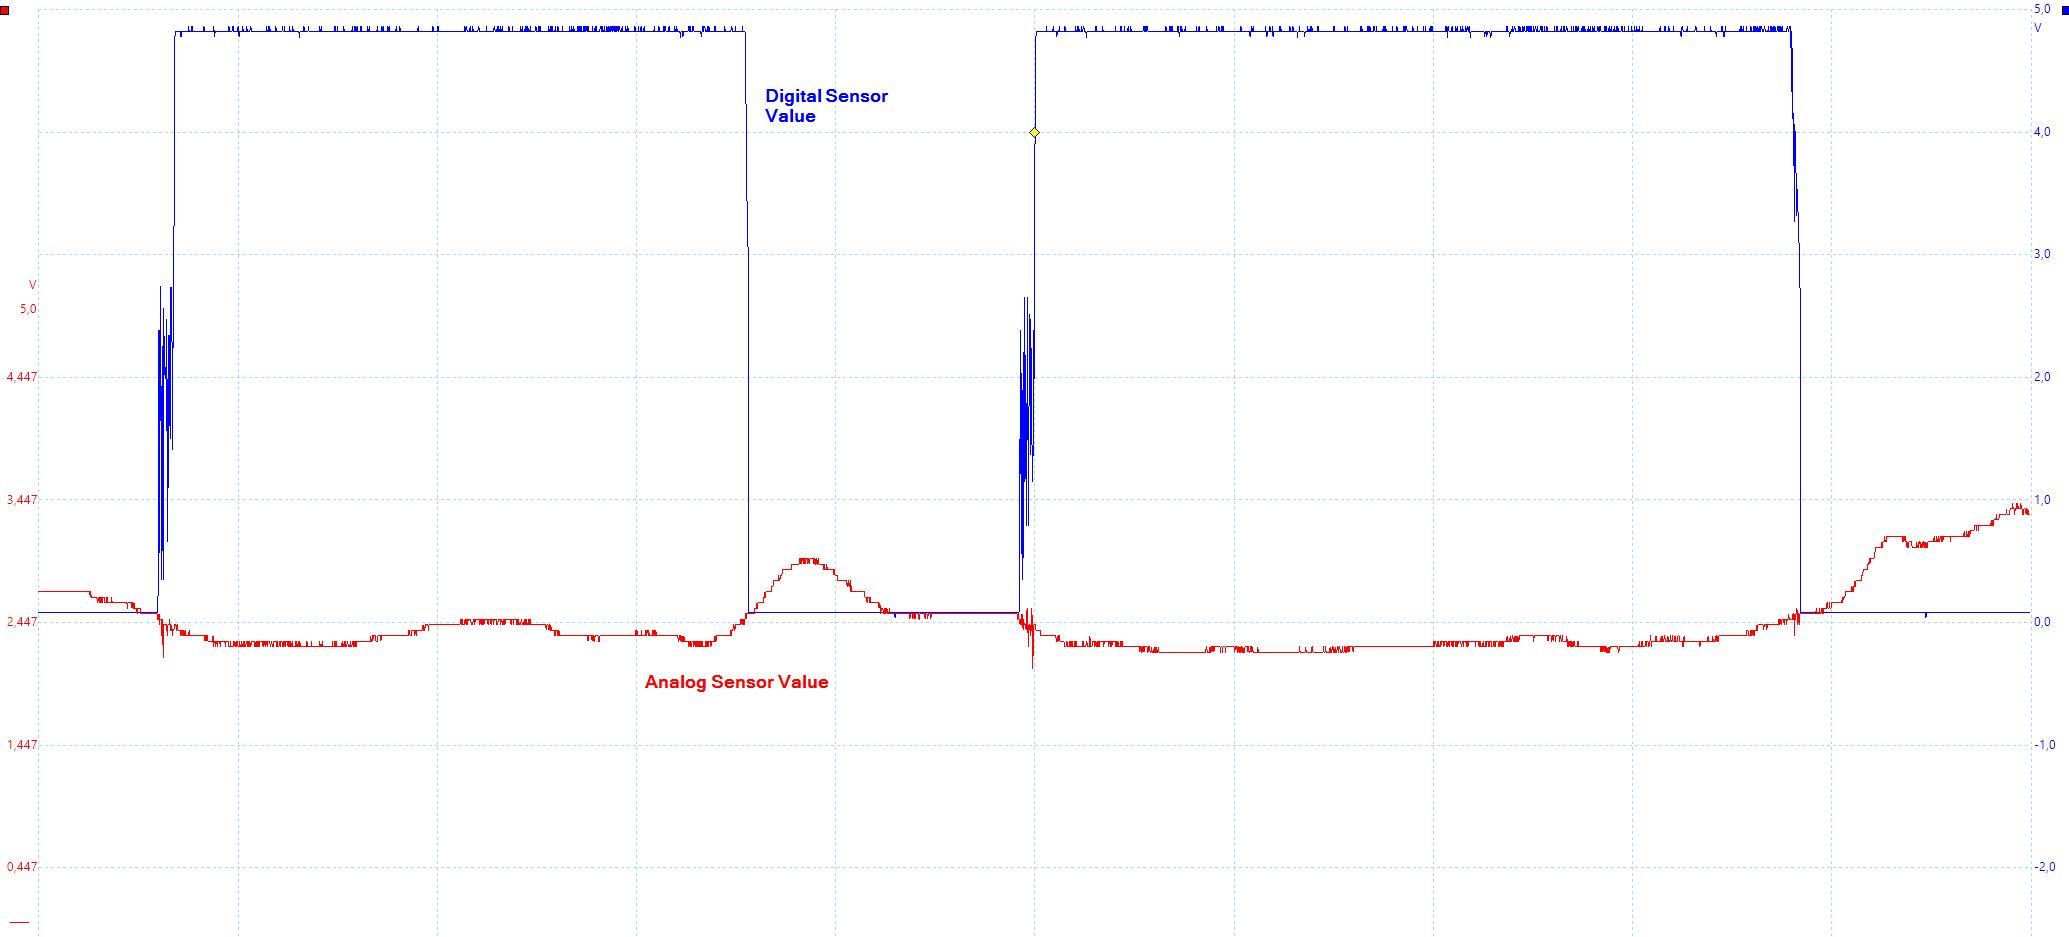 Sound Sensor Analog and Digital Value Oscilloscope